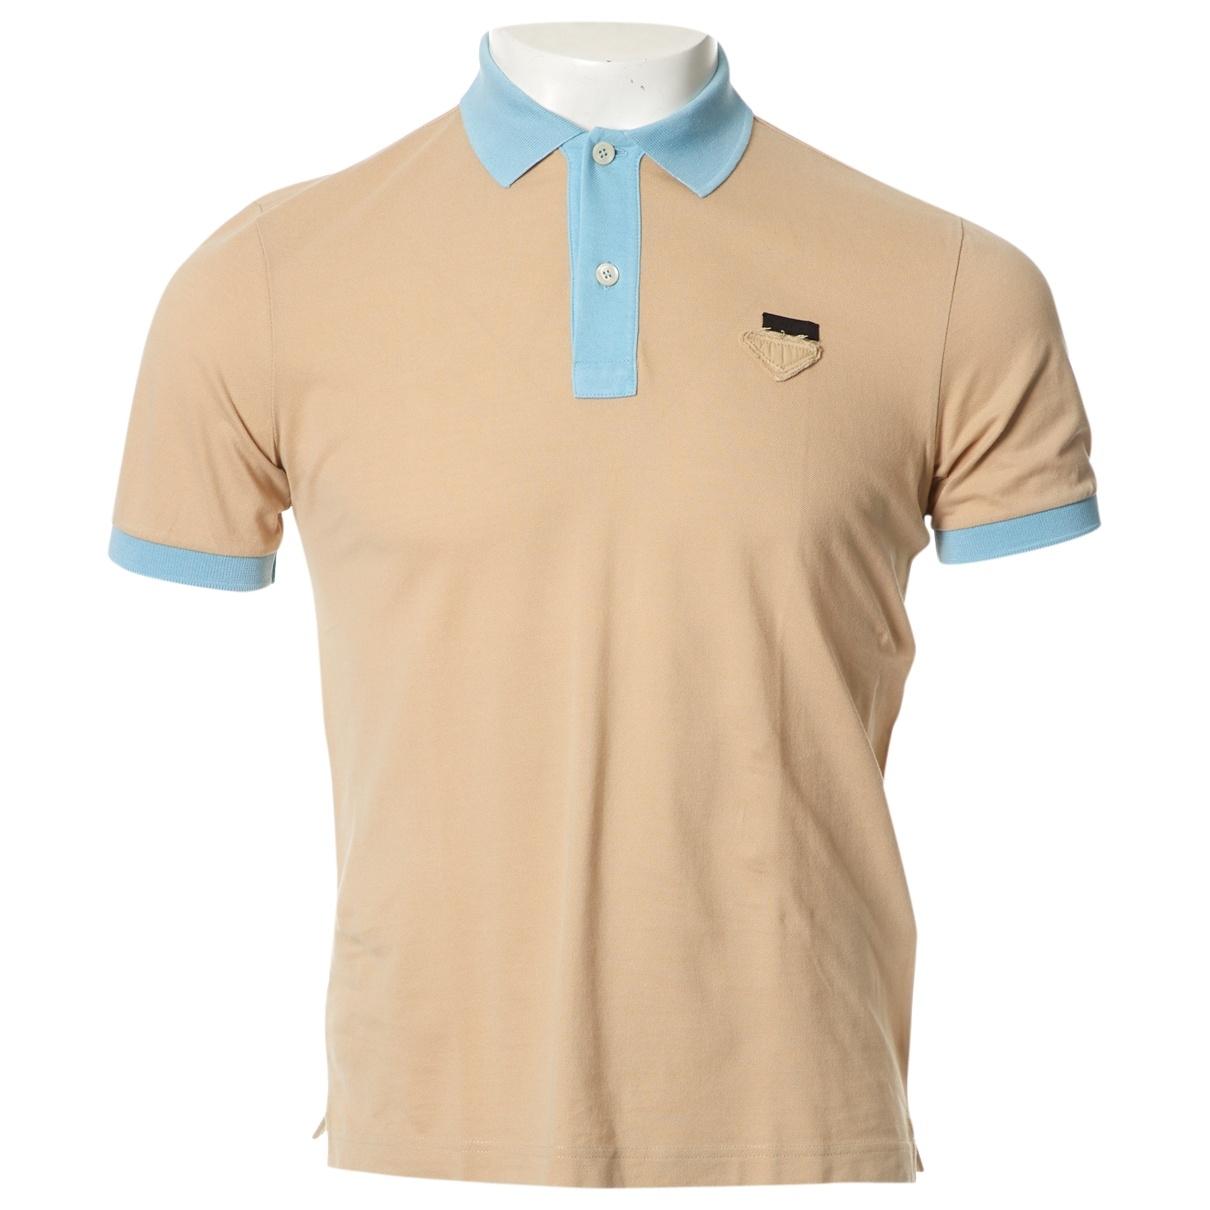 Prada - Tee shirts   pour homme en coton - beige